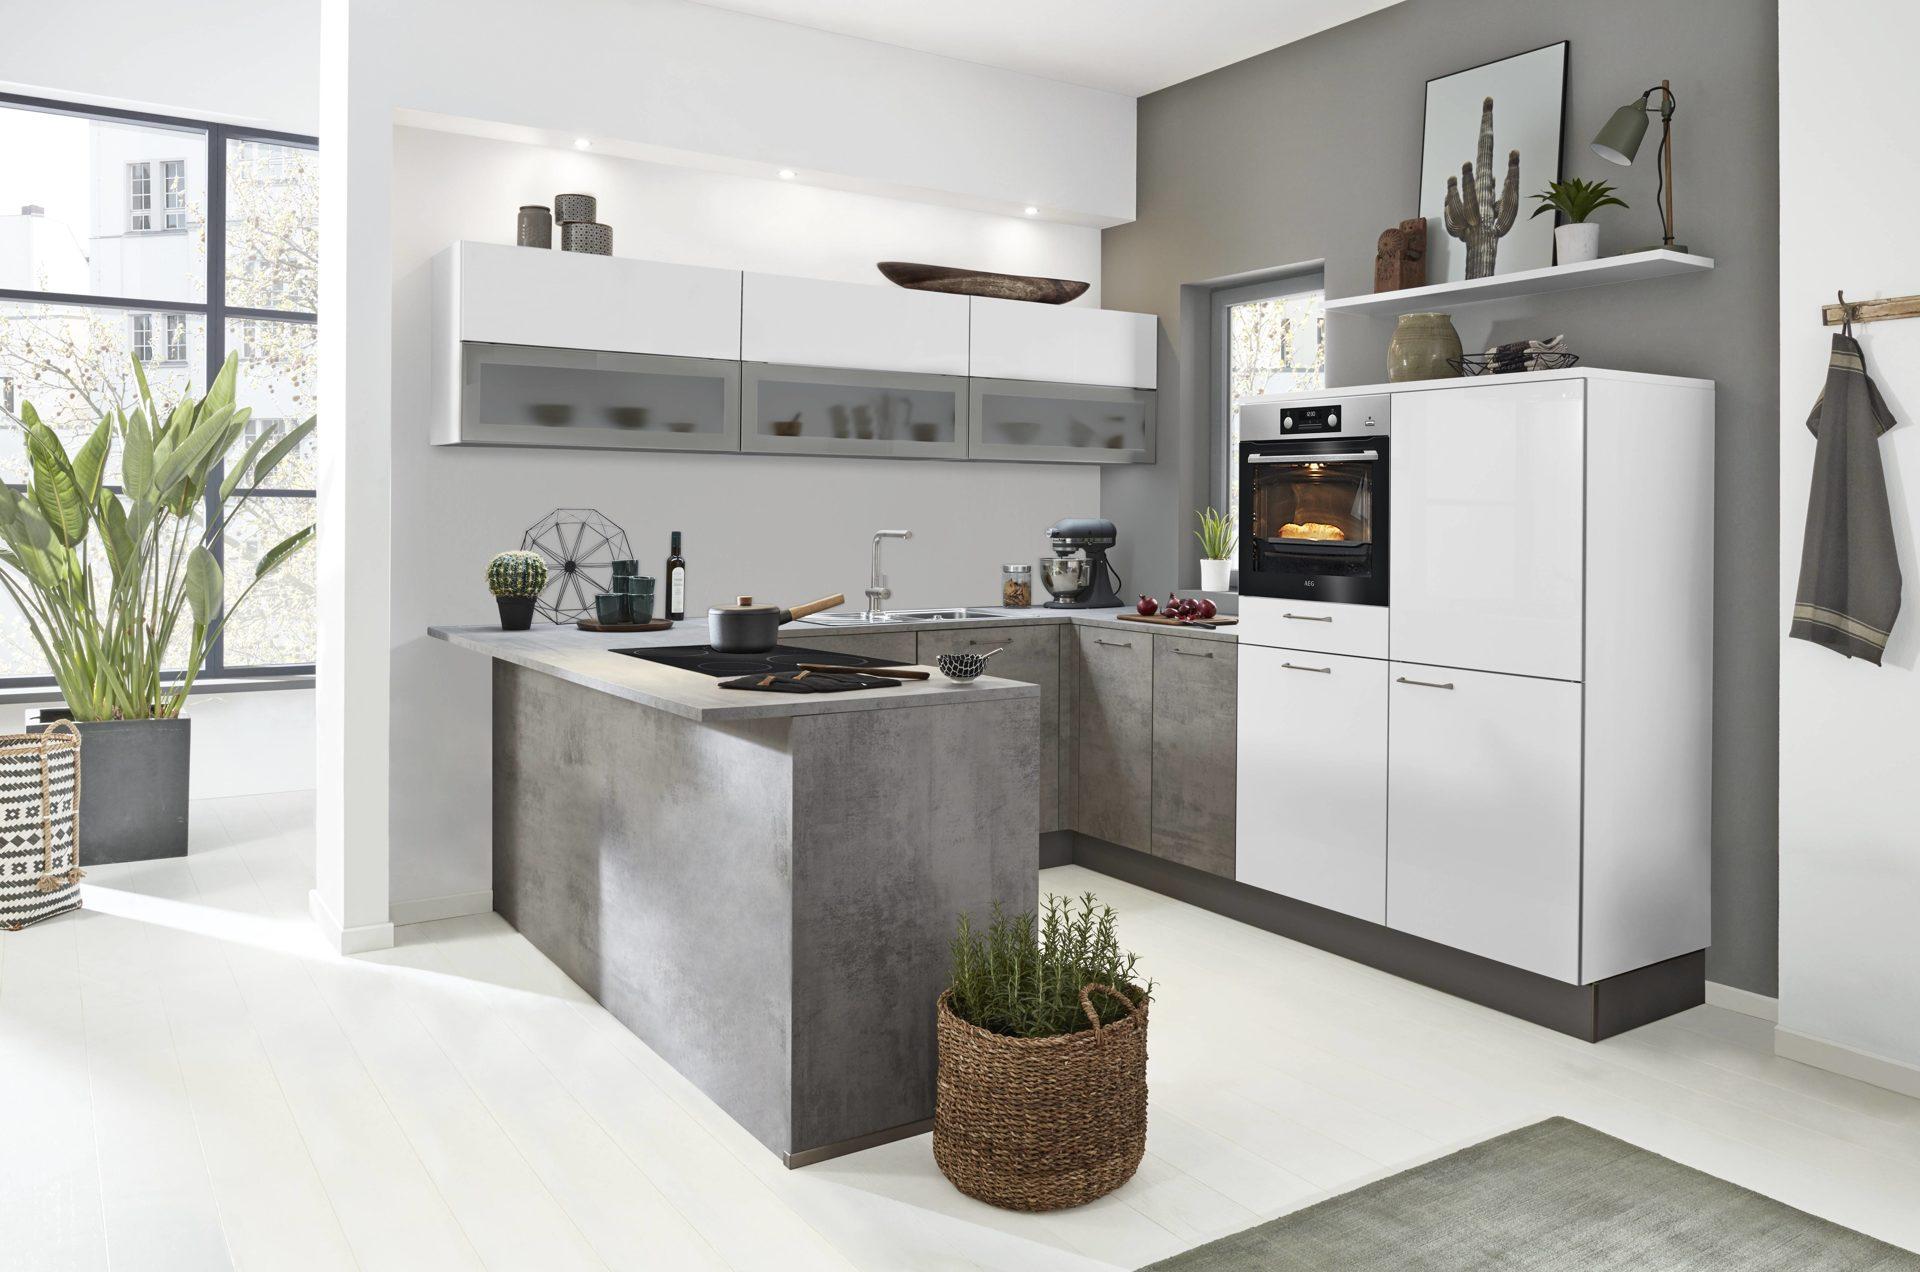 Interliving Küche Serie 3006 mit gorenje Einbaugeräten, arcticweiße &  betonfarbene Kunststoffoberflächen – Stellfläche ca